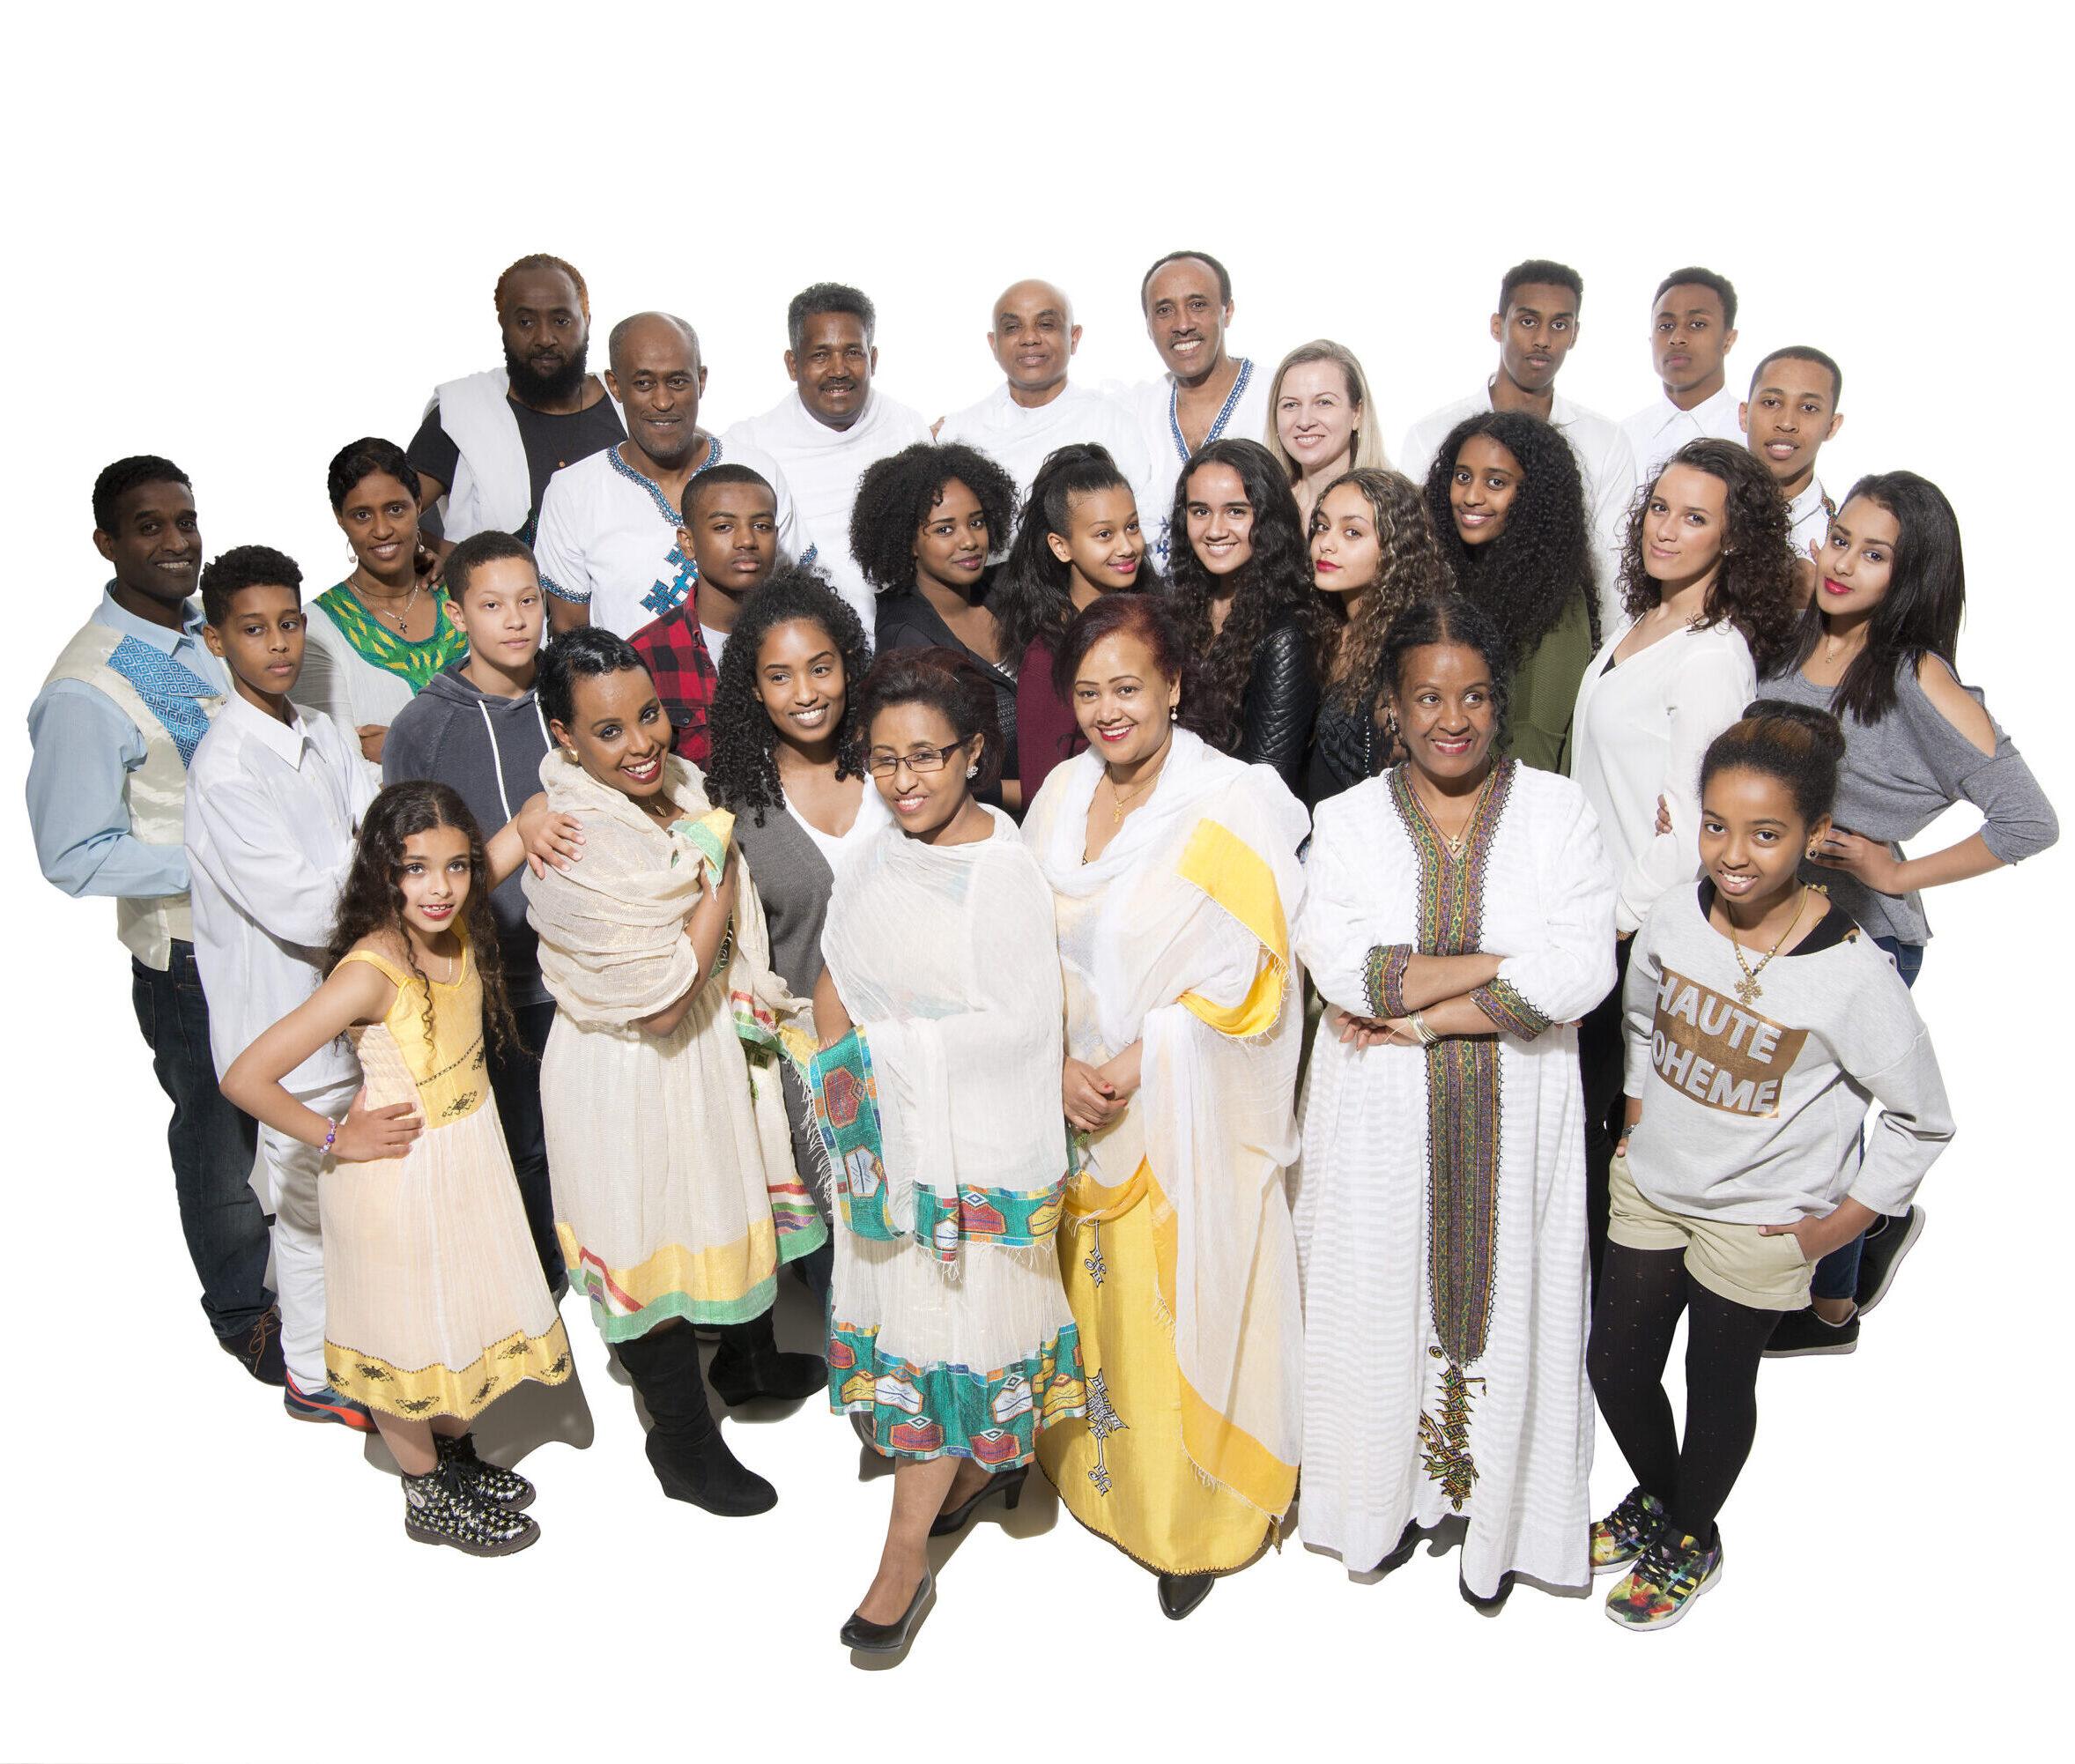 Aethiopischer Kulturverein